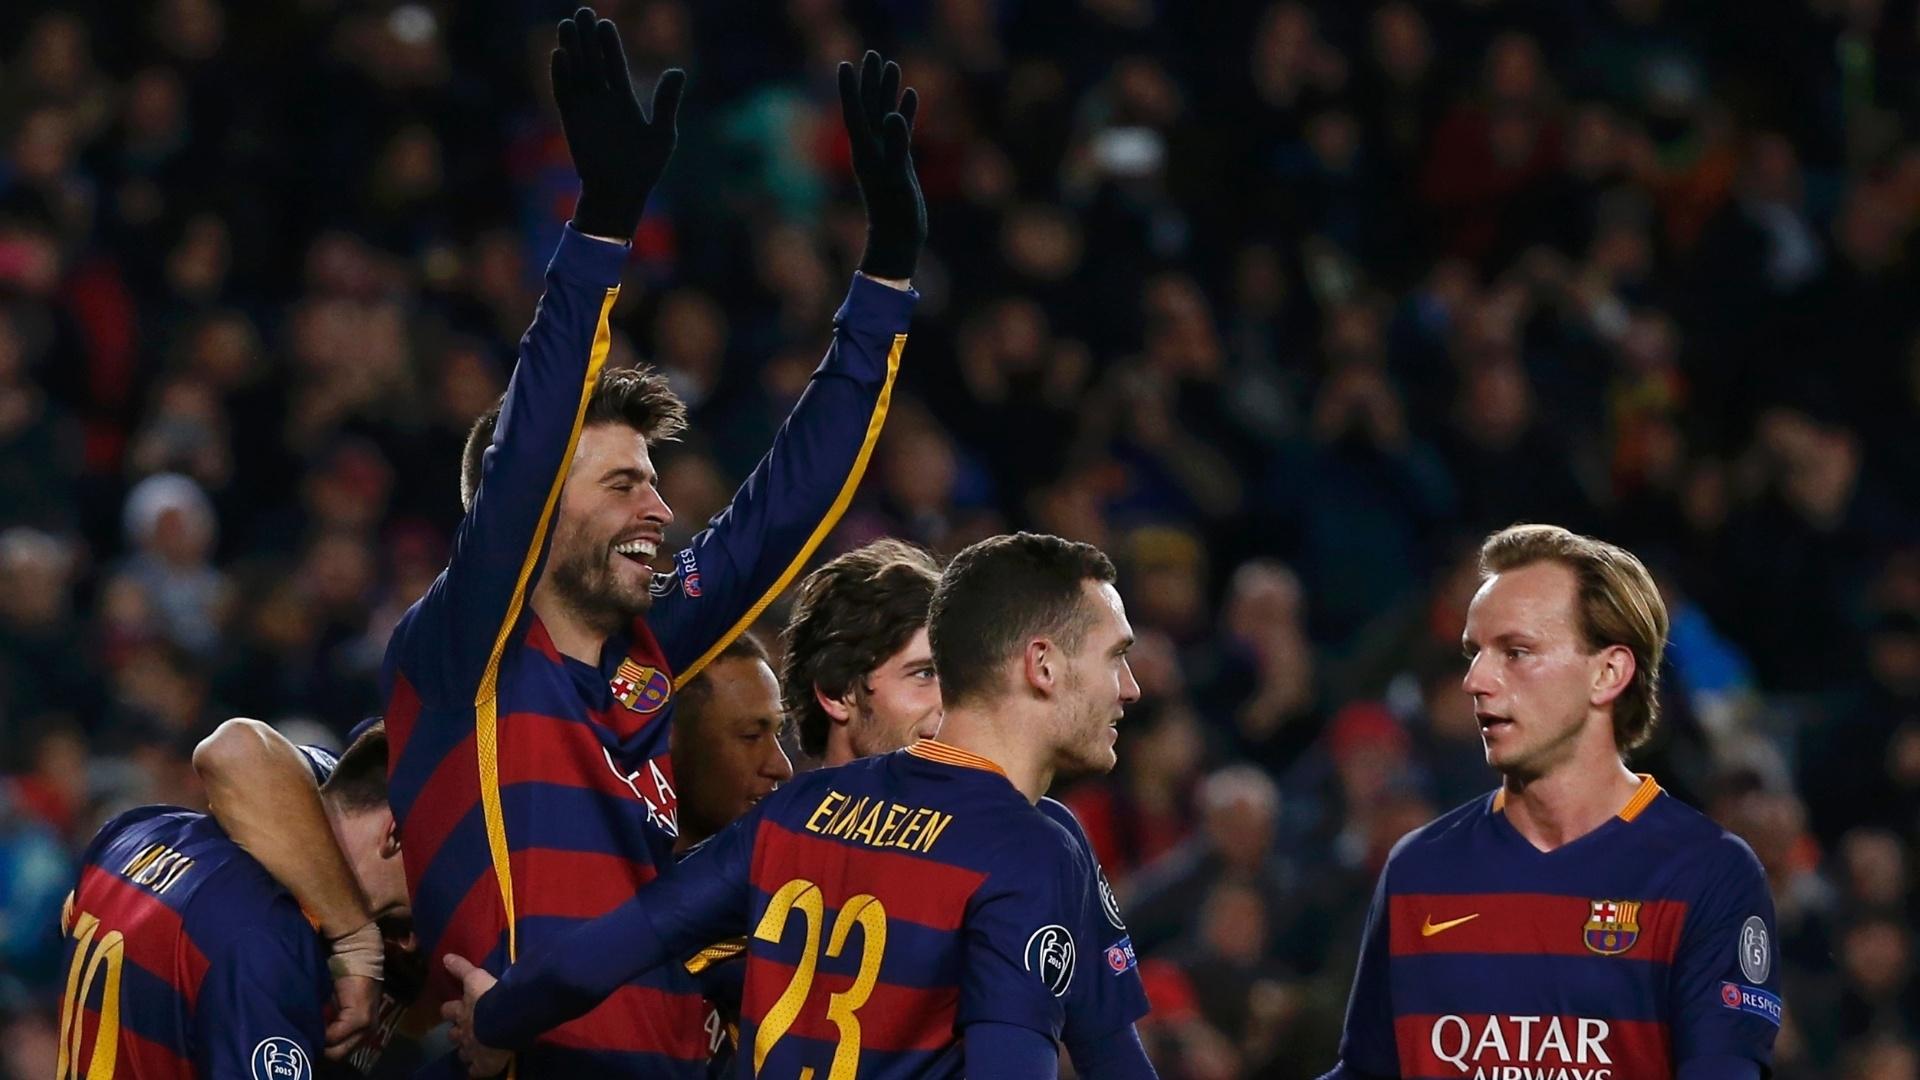 Zagueiro Piqué também marcou na goleada do Barcelona sobre a Roma, na Espanha